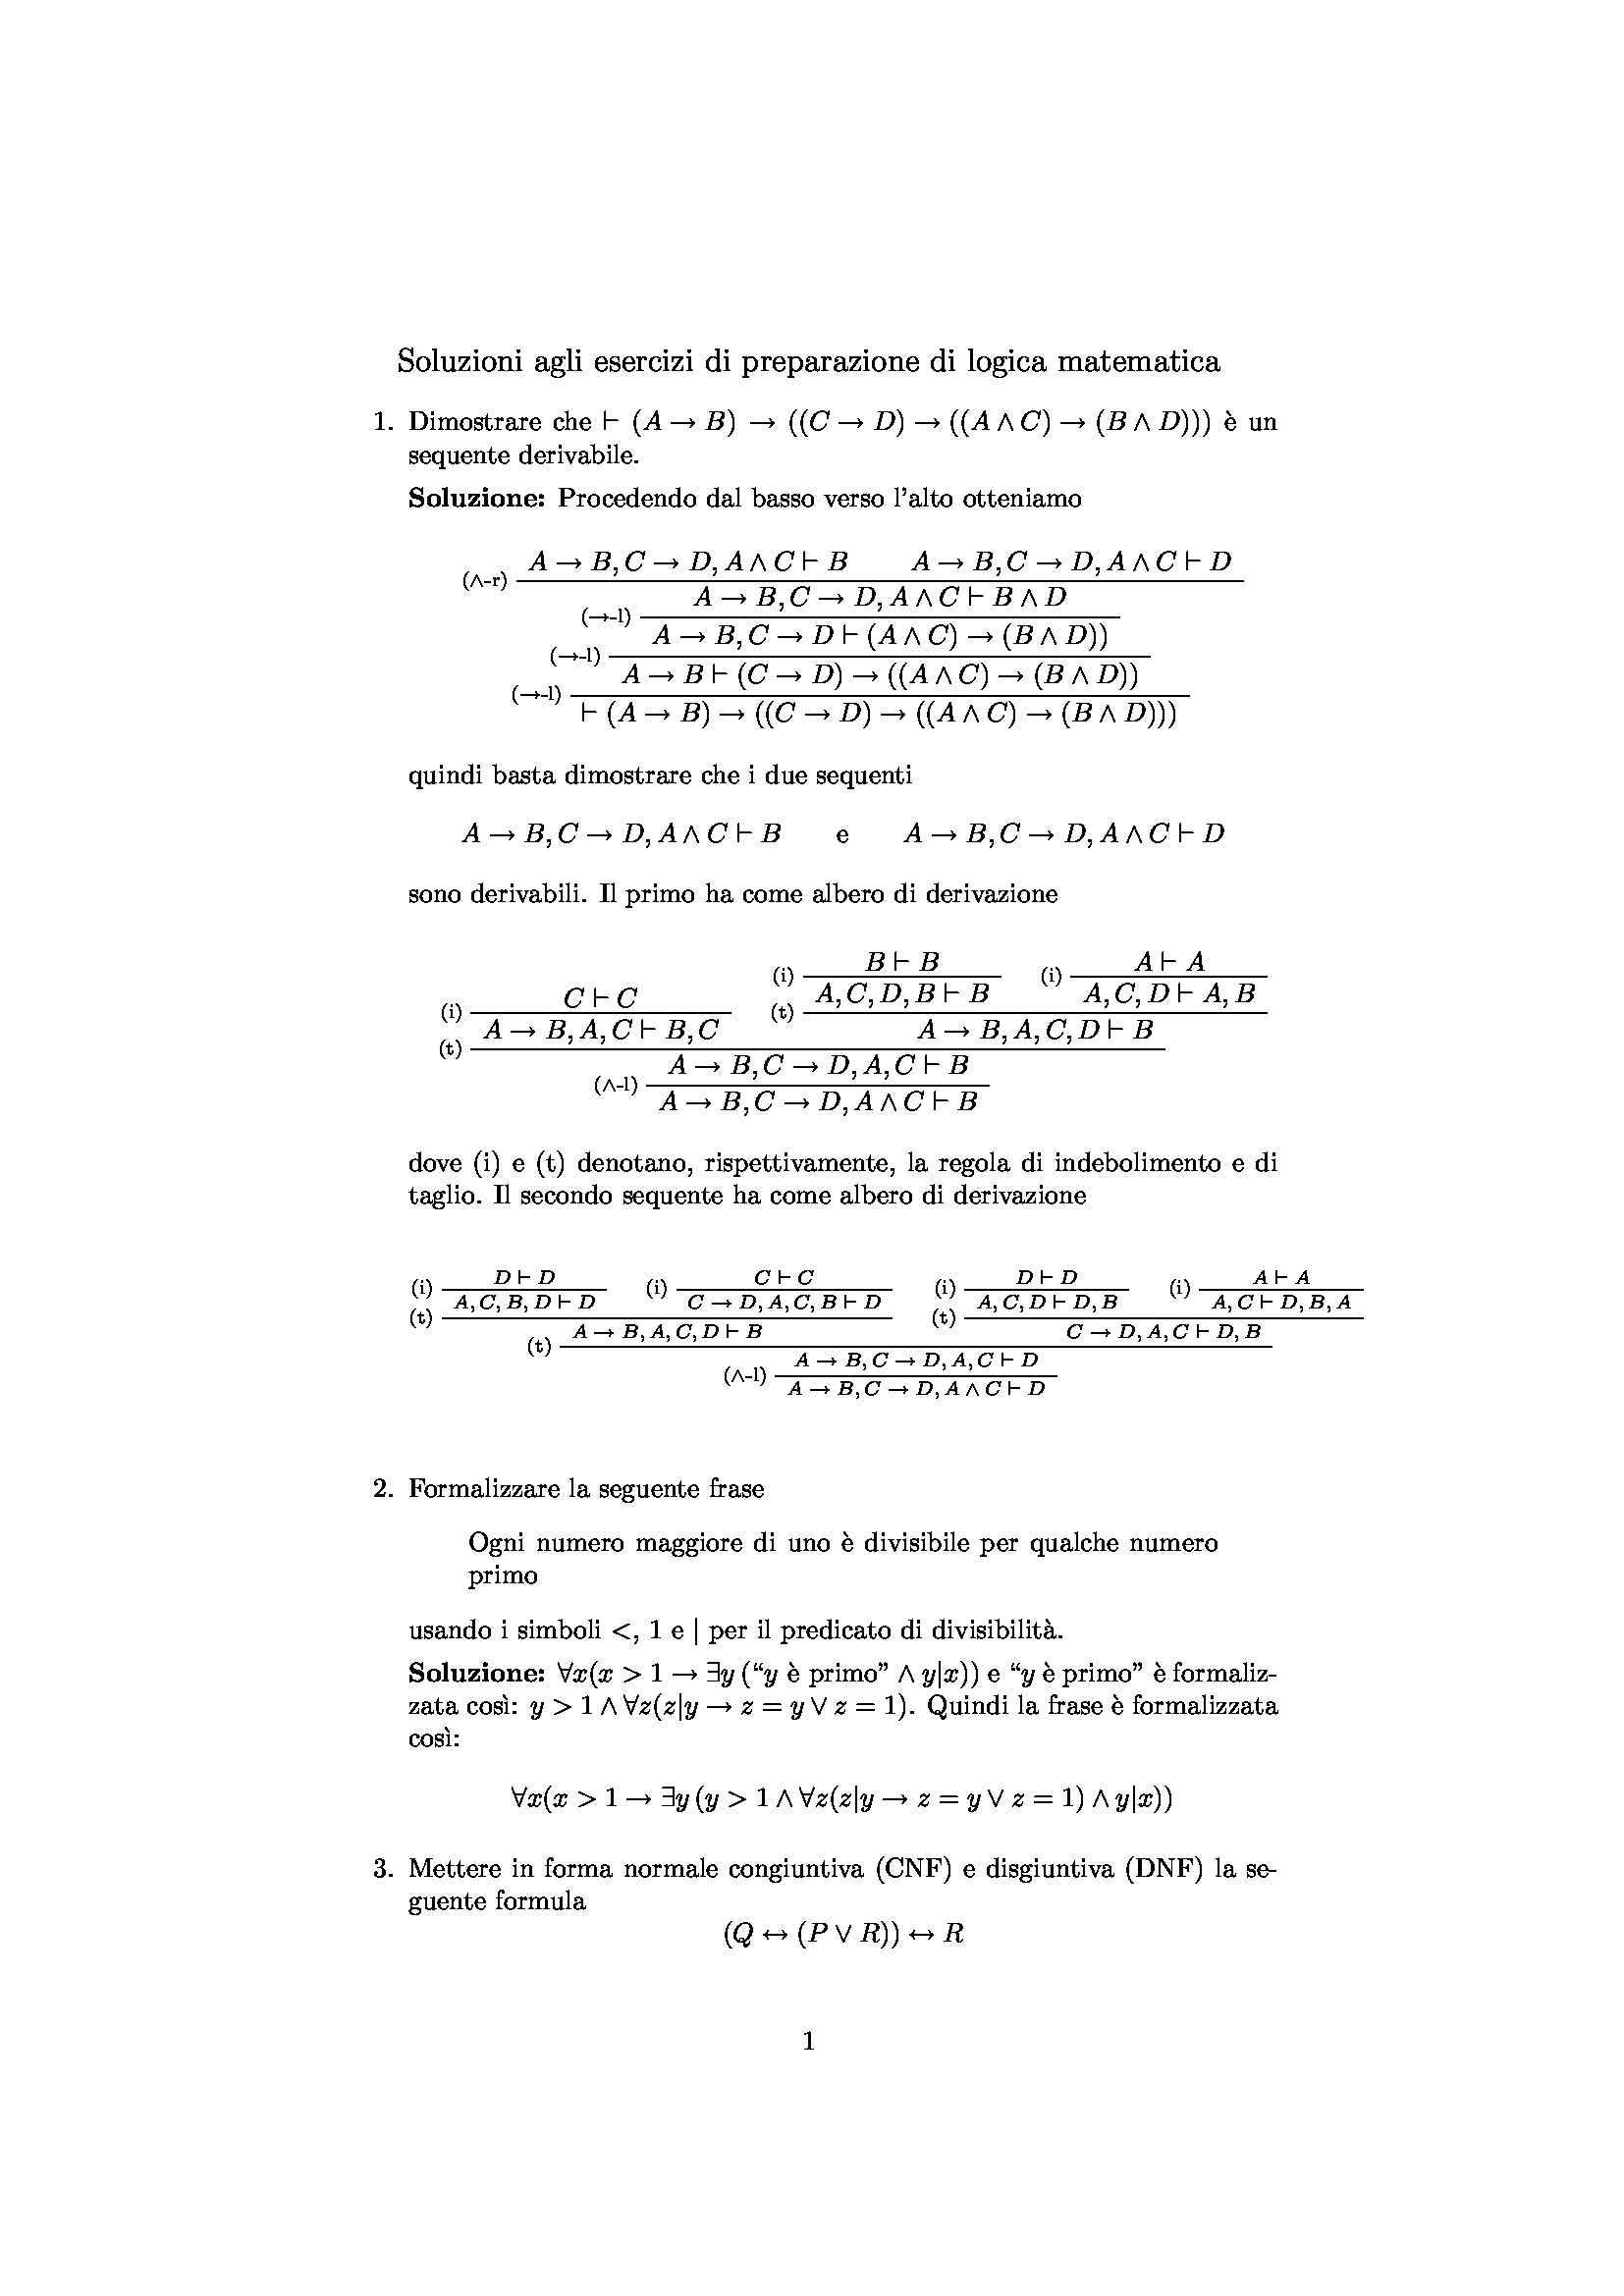 Esercizi di Logica matematica svolti